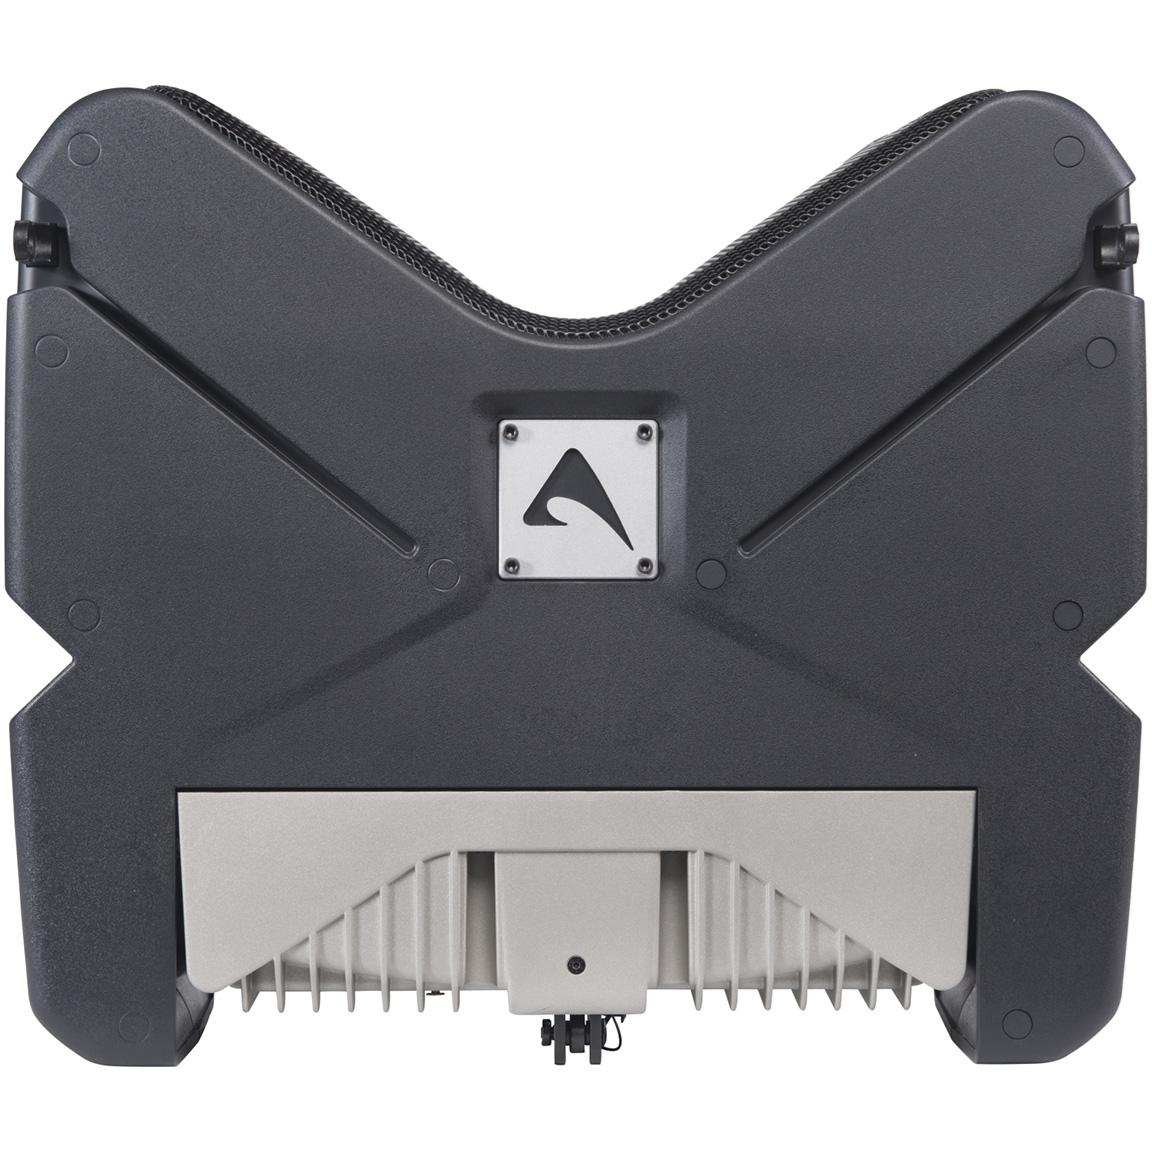 Axiom AX800A - Активный элемент линейного массива 2 х 8'' + 1,4'', 475 Вт c усилителем 900 + 200 Вт, черного цвета